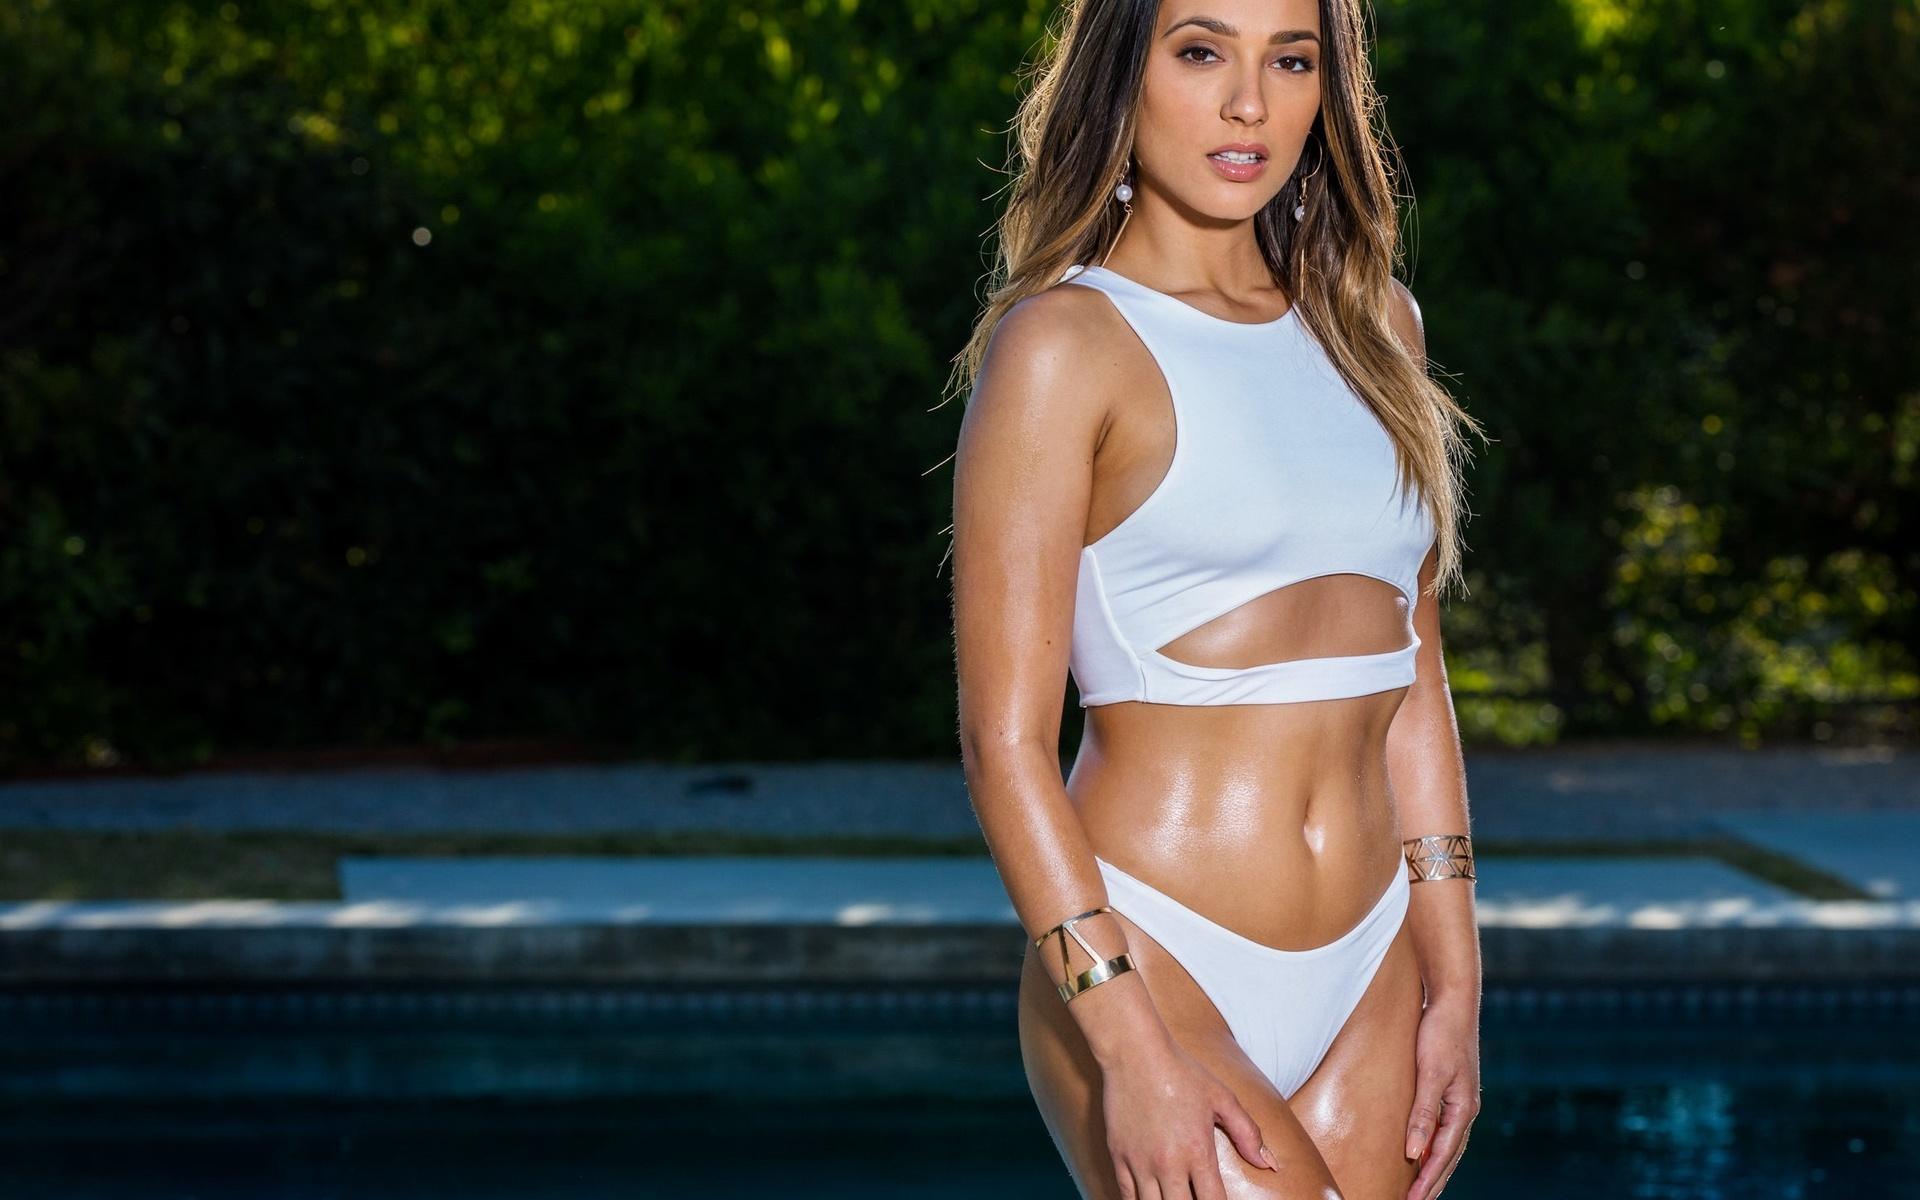 bikini, попа, babes, модель, ass, позирует, спина, фигура, купальник, грудь